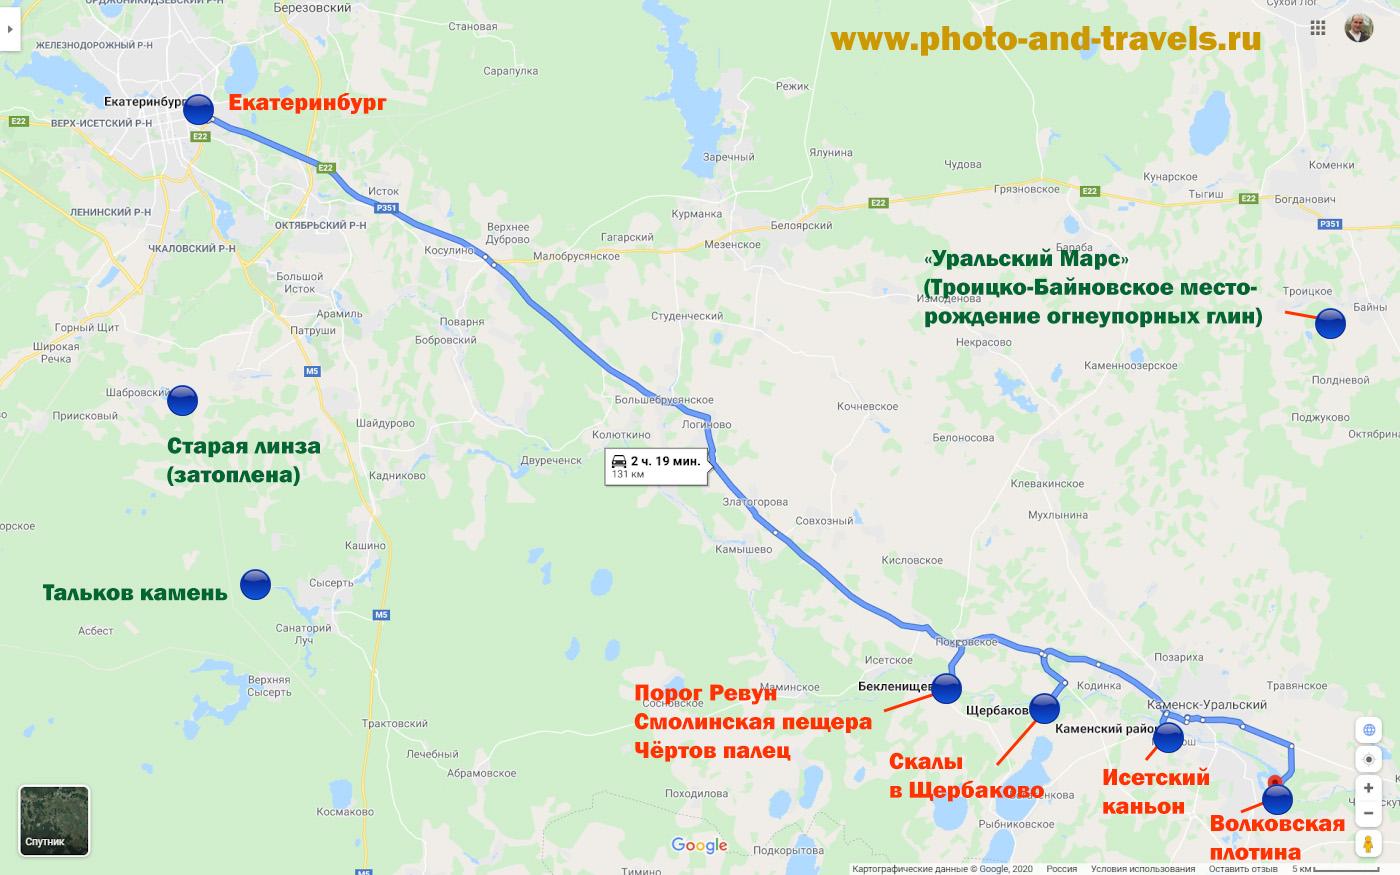 Карта со схемой, как добраться из Екатеринбурга к порогу Ревун, церкви Илии Пророка, Смолинской пещере и к Исетскому каньону в окрестностях Каменск-Уральского.